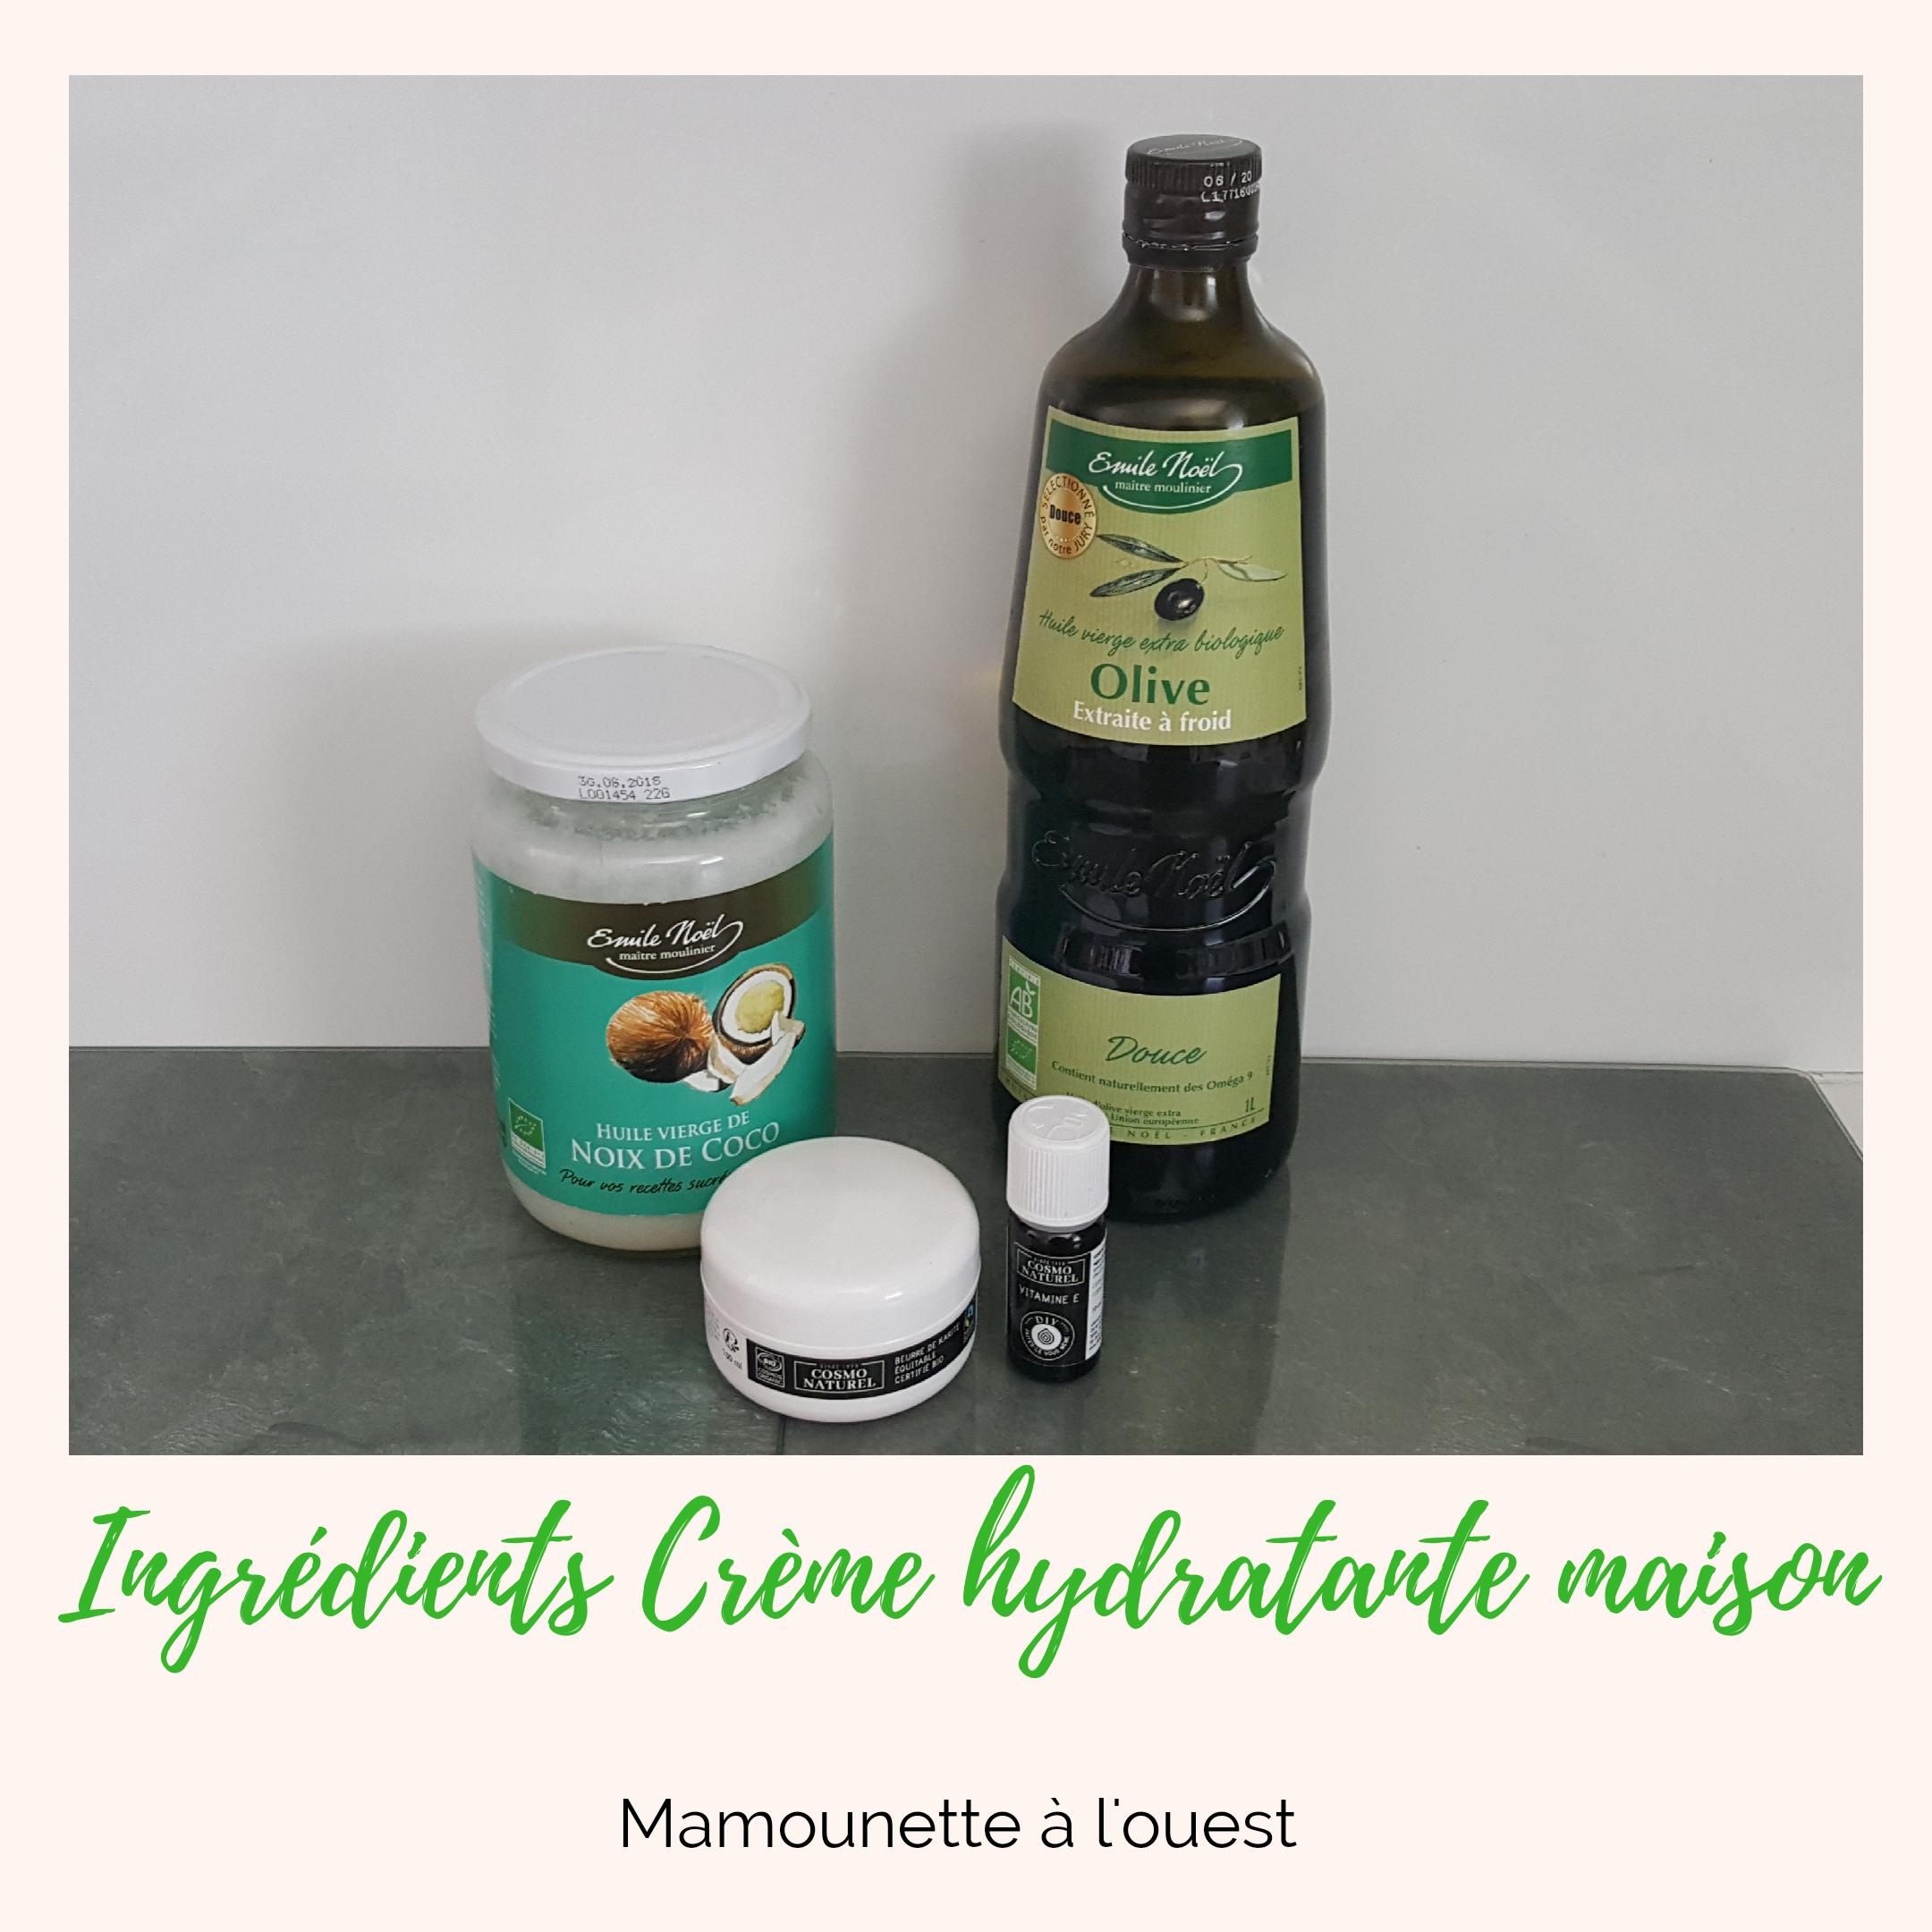 ingrédients crème hydratante fouettée maison.png